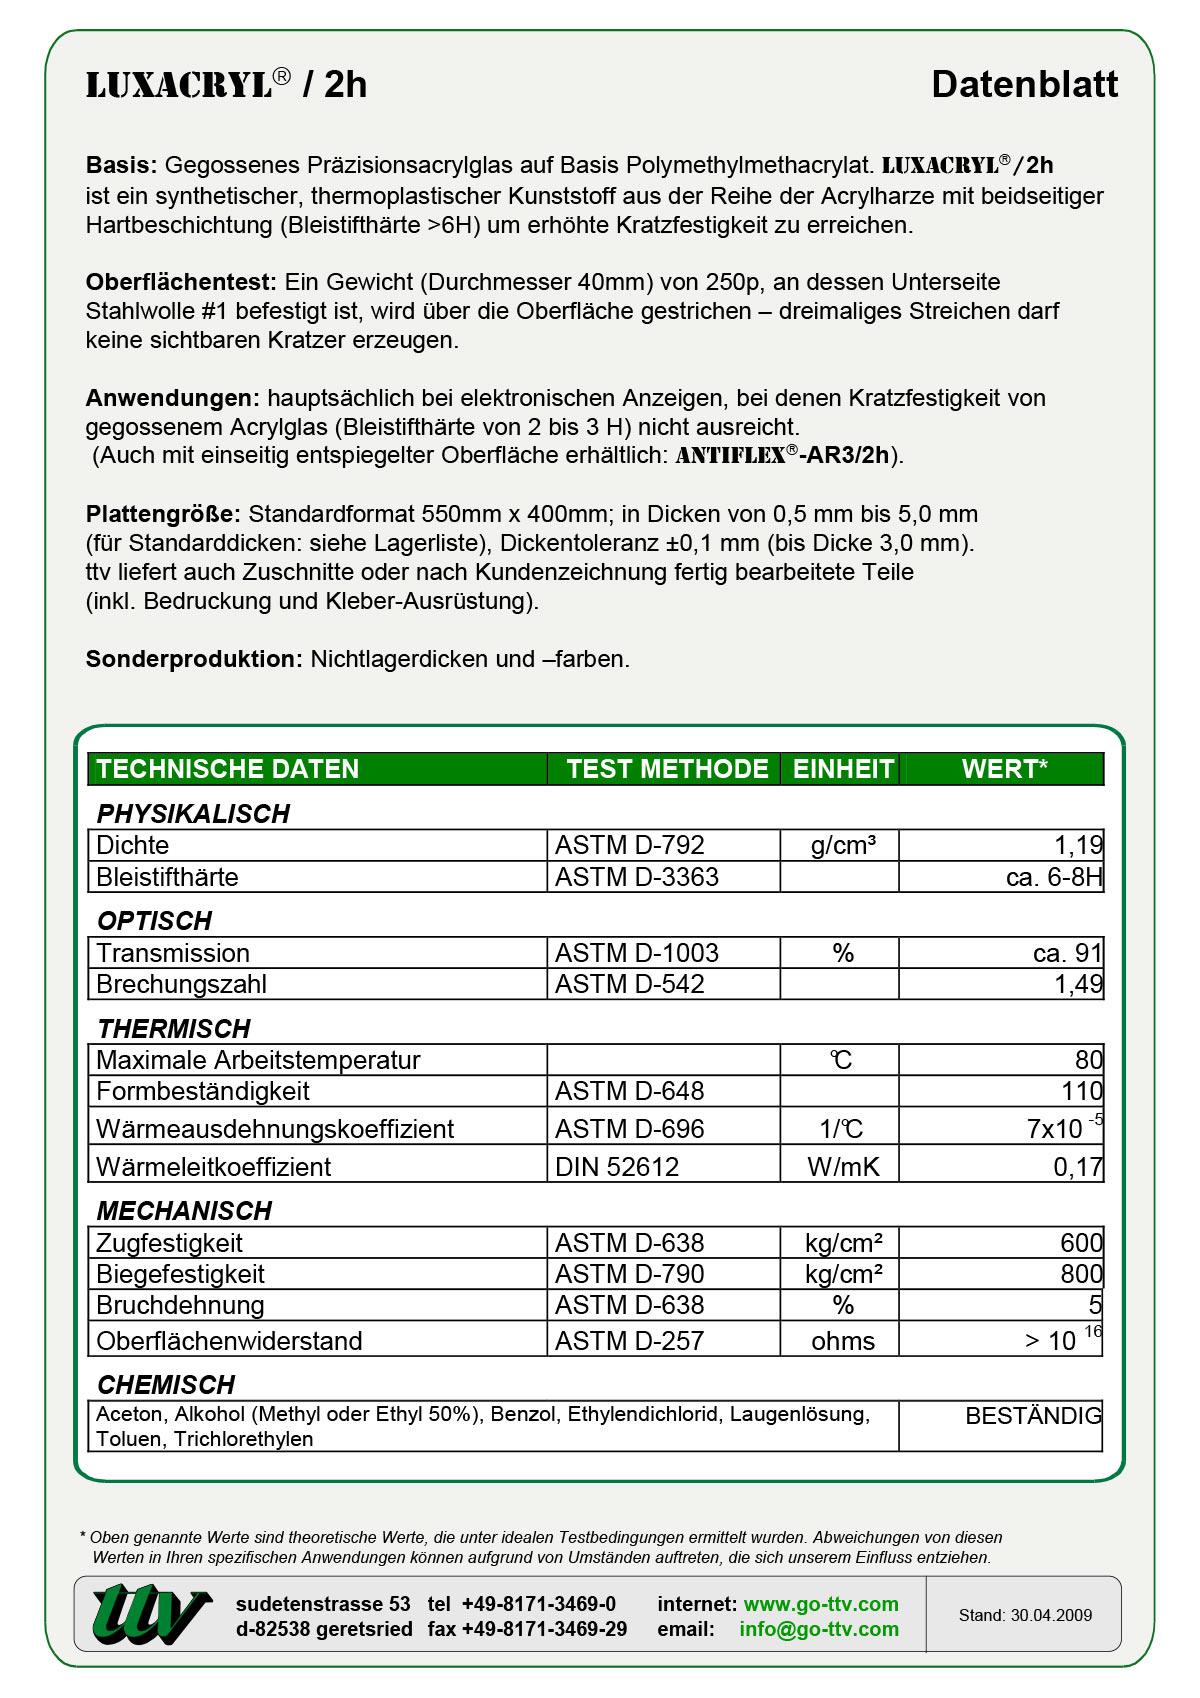 Luxacryl/2h Datenblatt